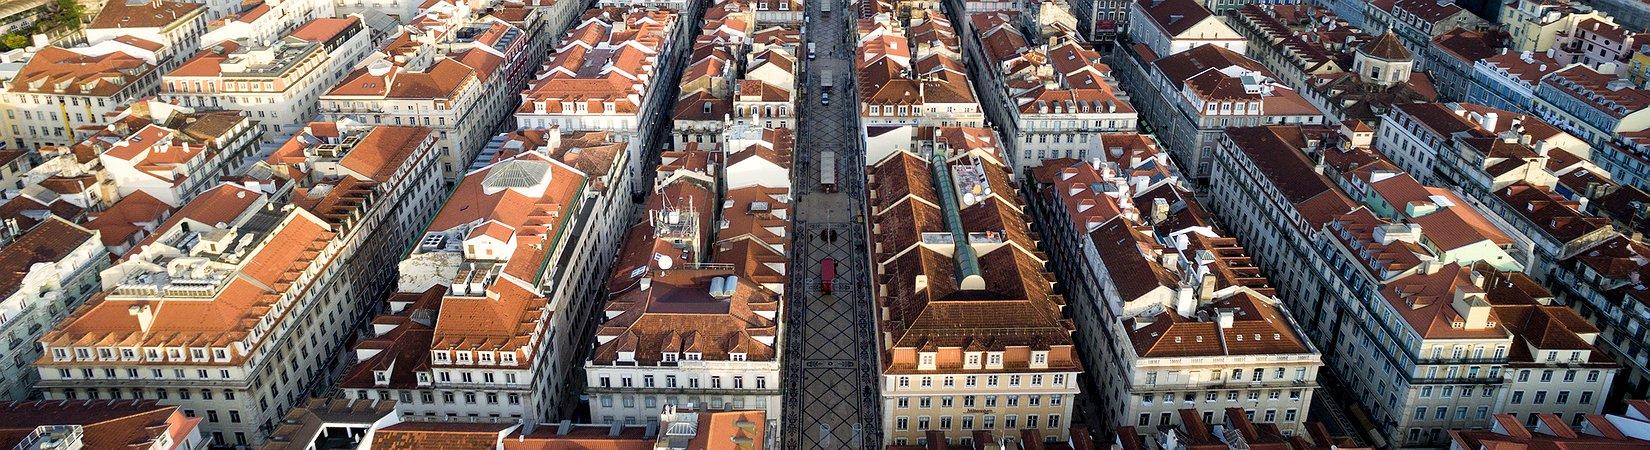 00fffa883e Preço das casas em Portugal sobe a ritmo mais elevado dos últimos 15 anos